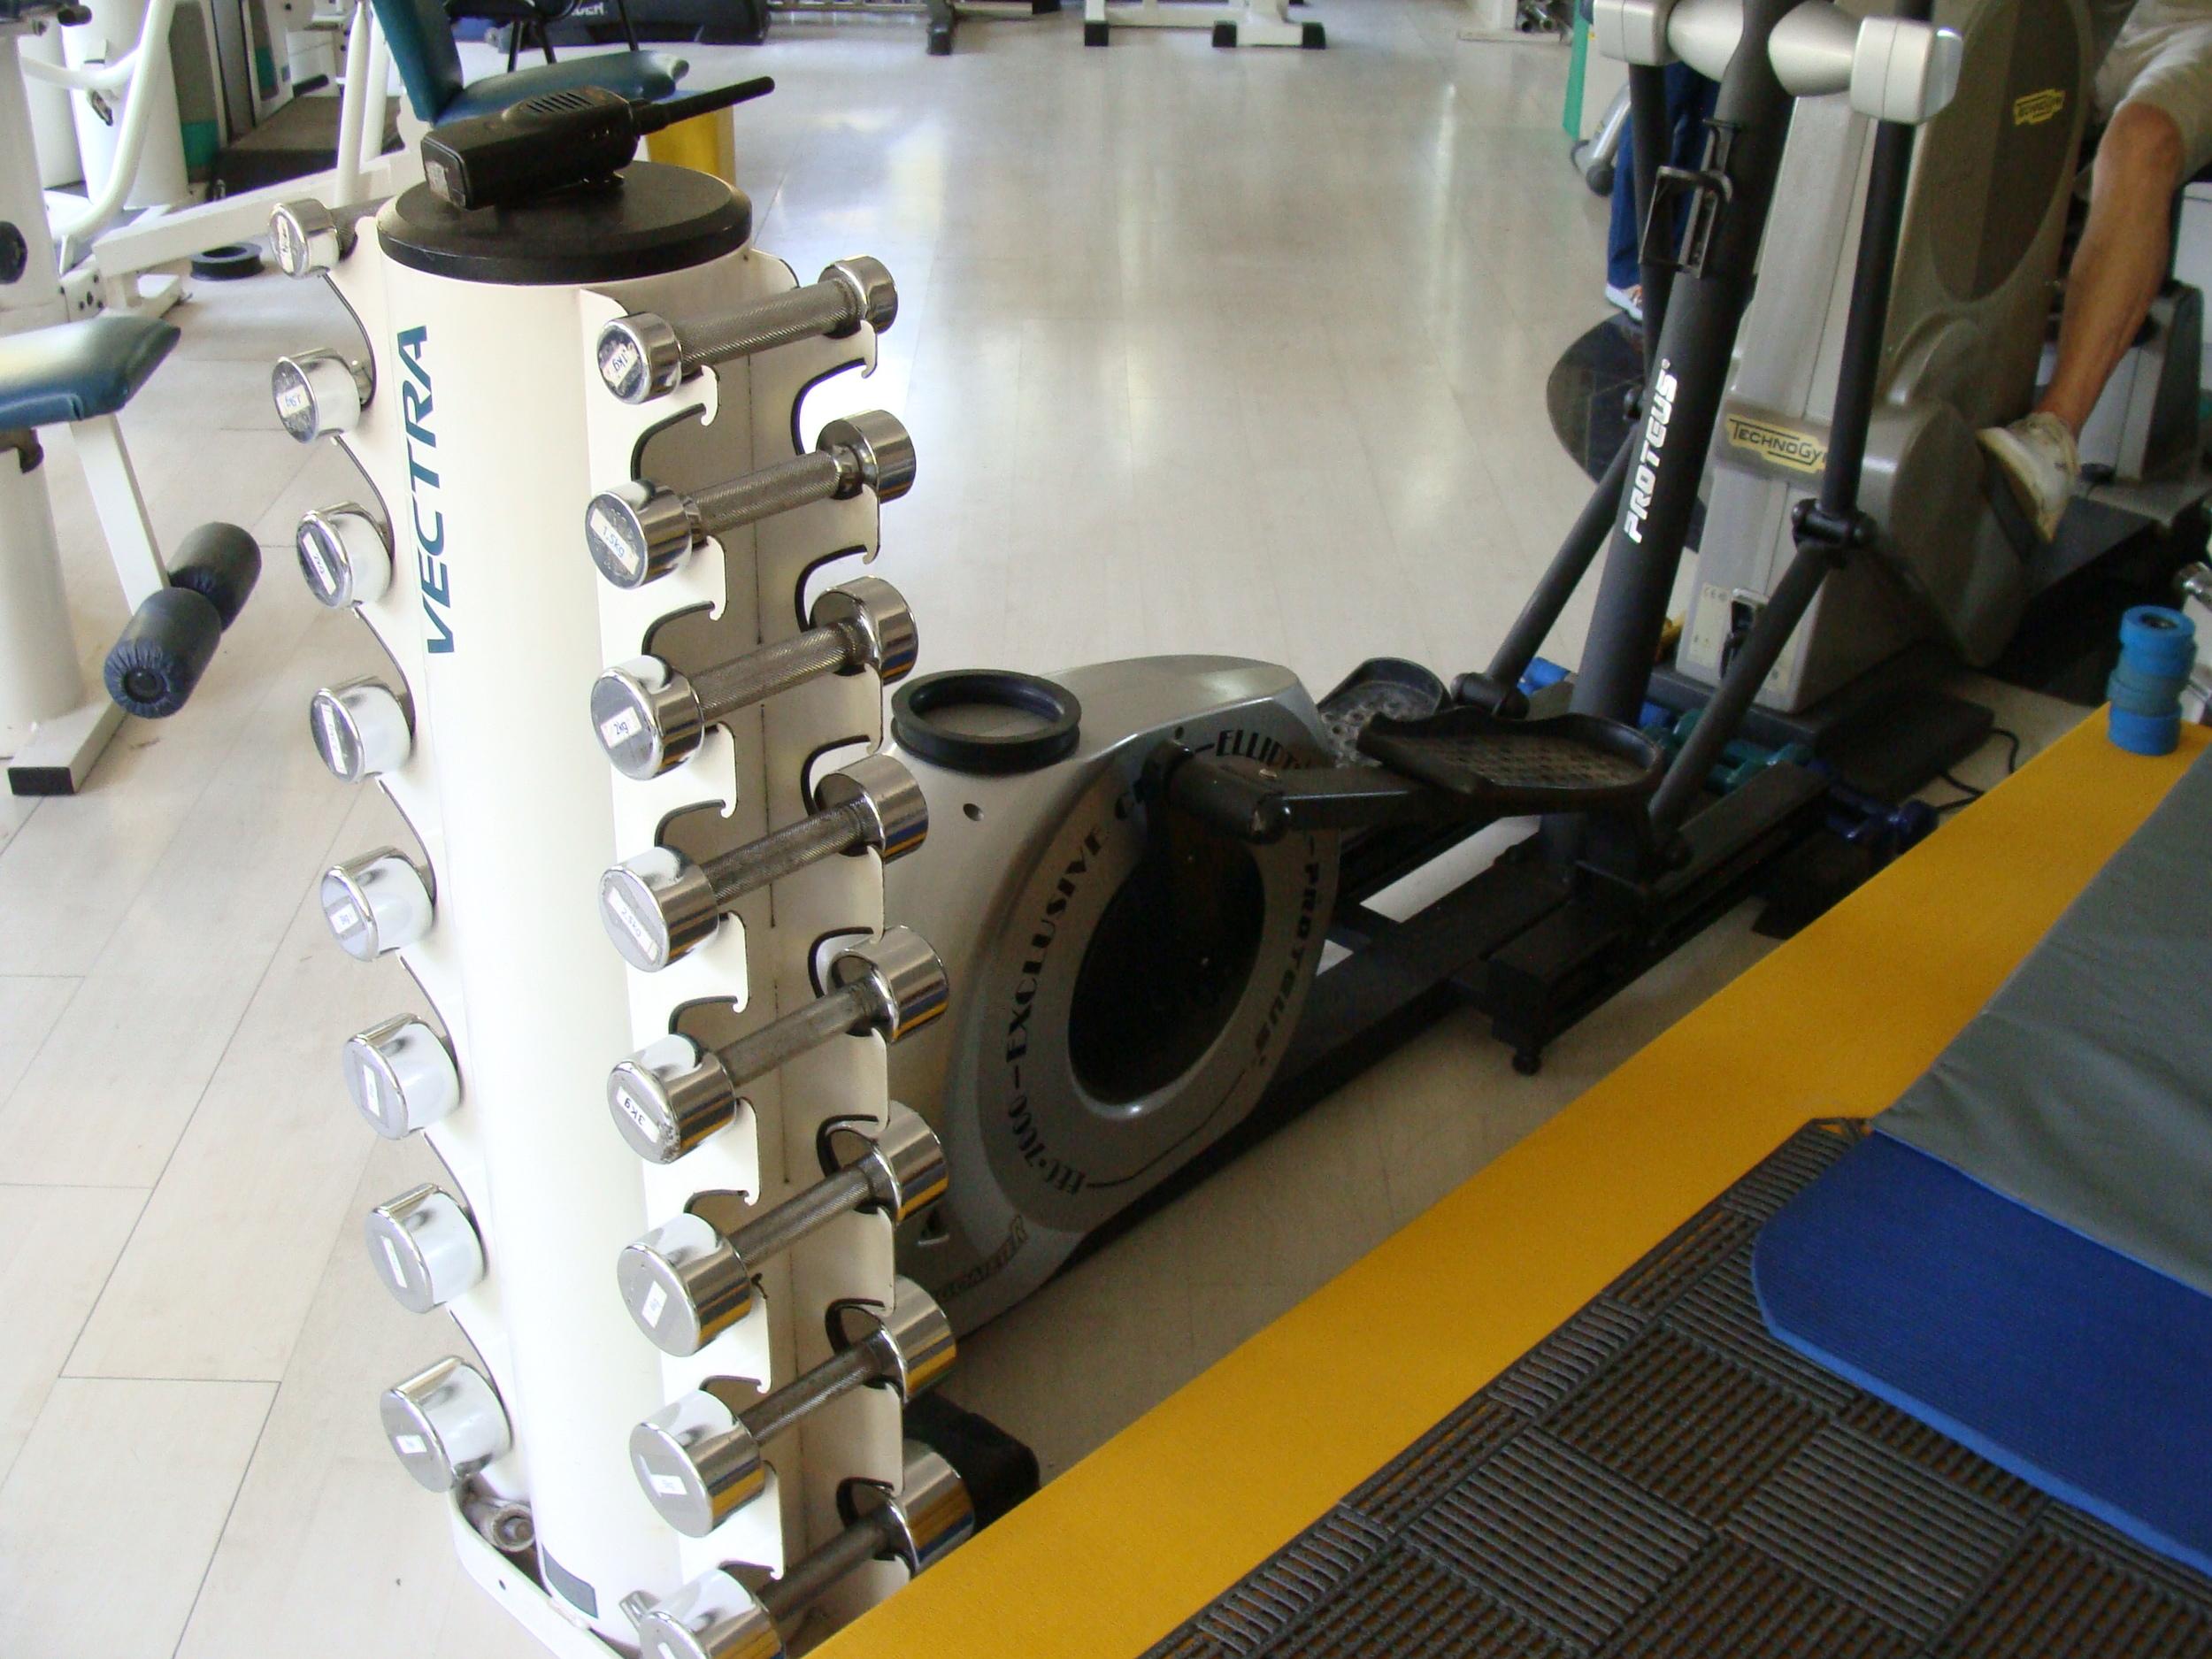 kinesiologia - clinica de ejercicio - equipamiento.JPG